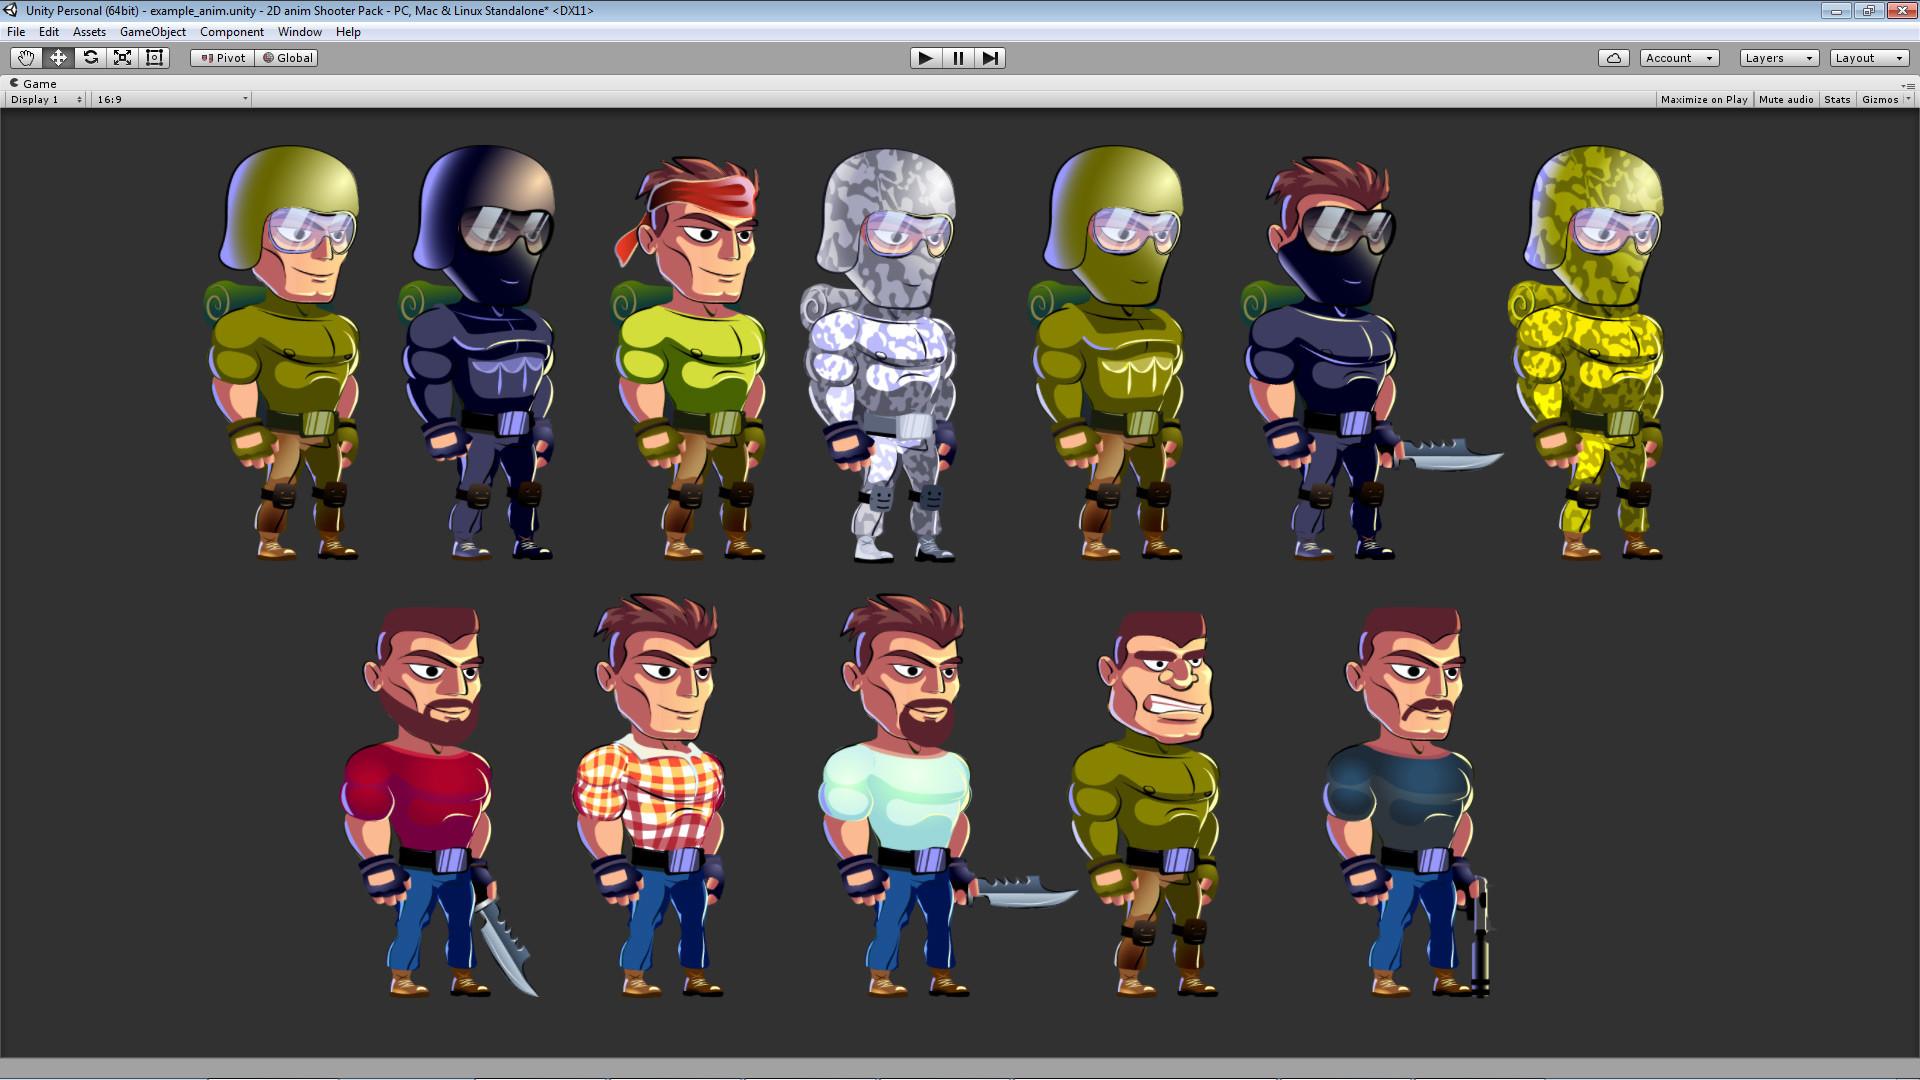 ArtStation - Asset 2D Run & Gun anim Character Pack, igor